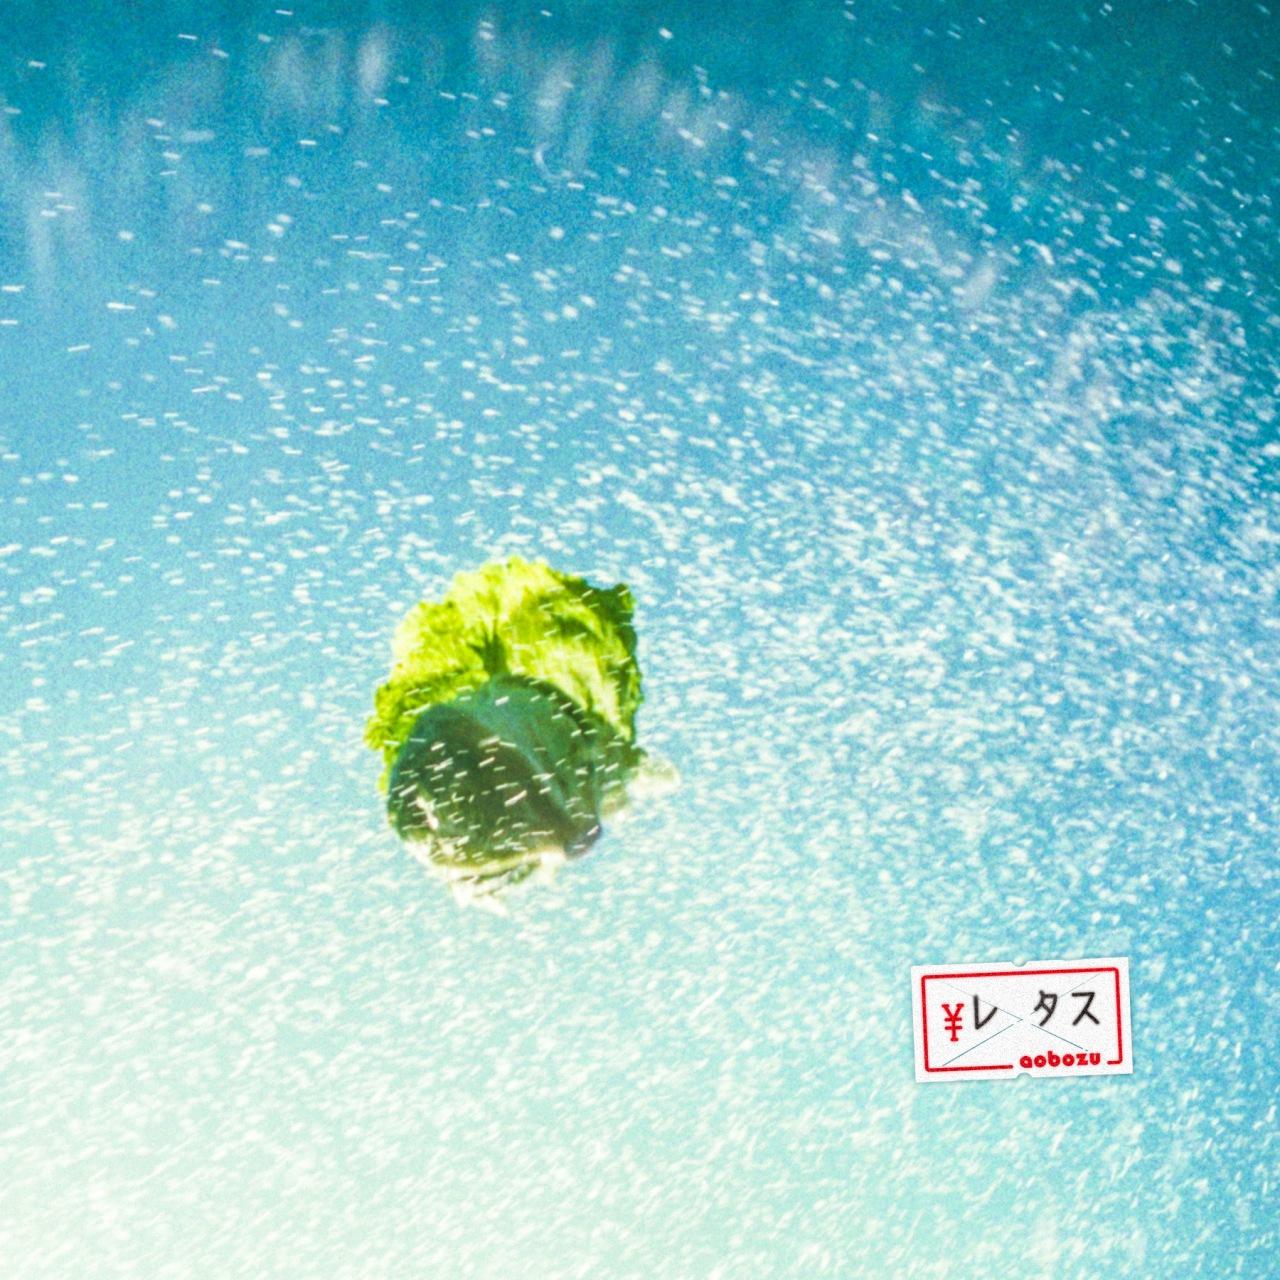 """潍坊于2月11日(周一)发行新专辑""""Letuce"""""""